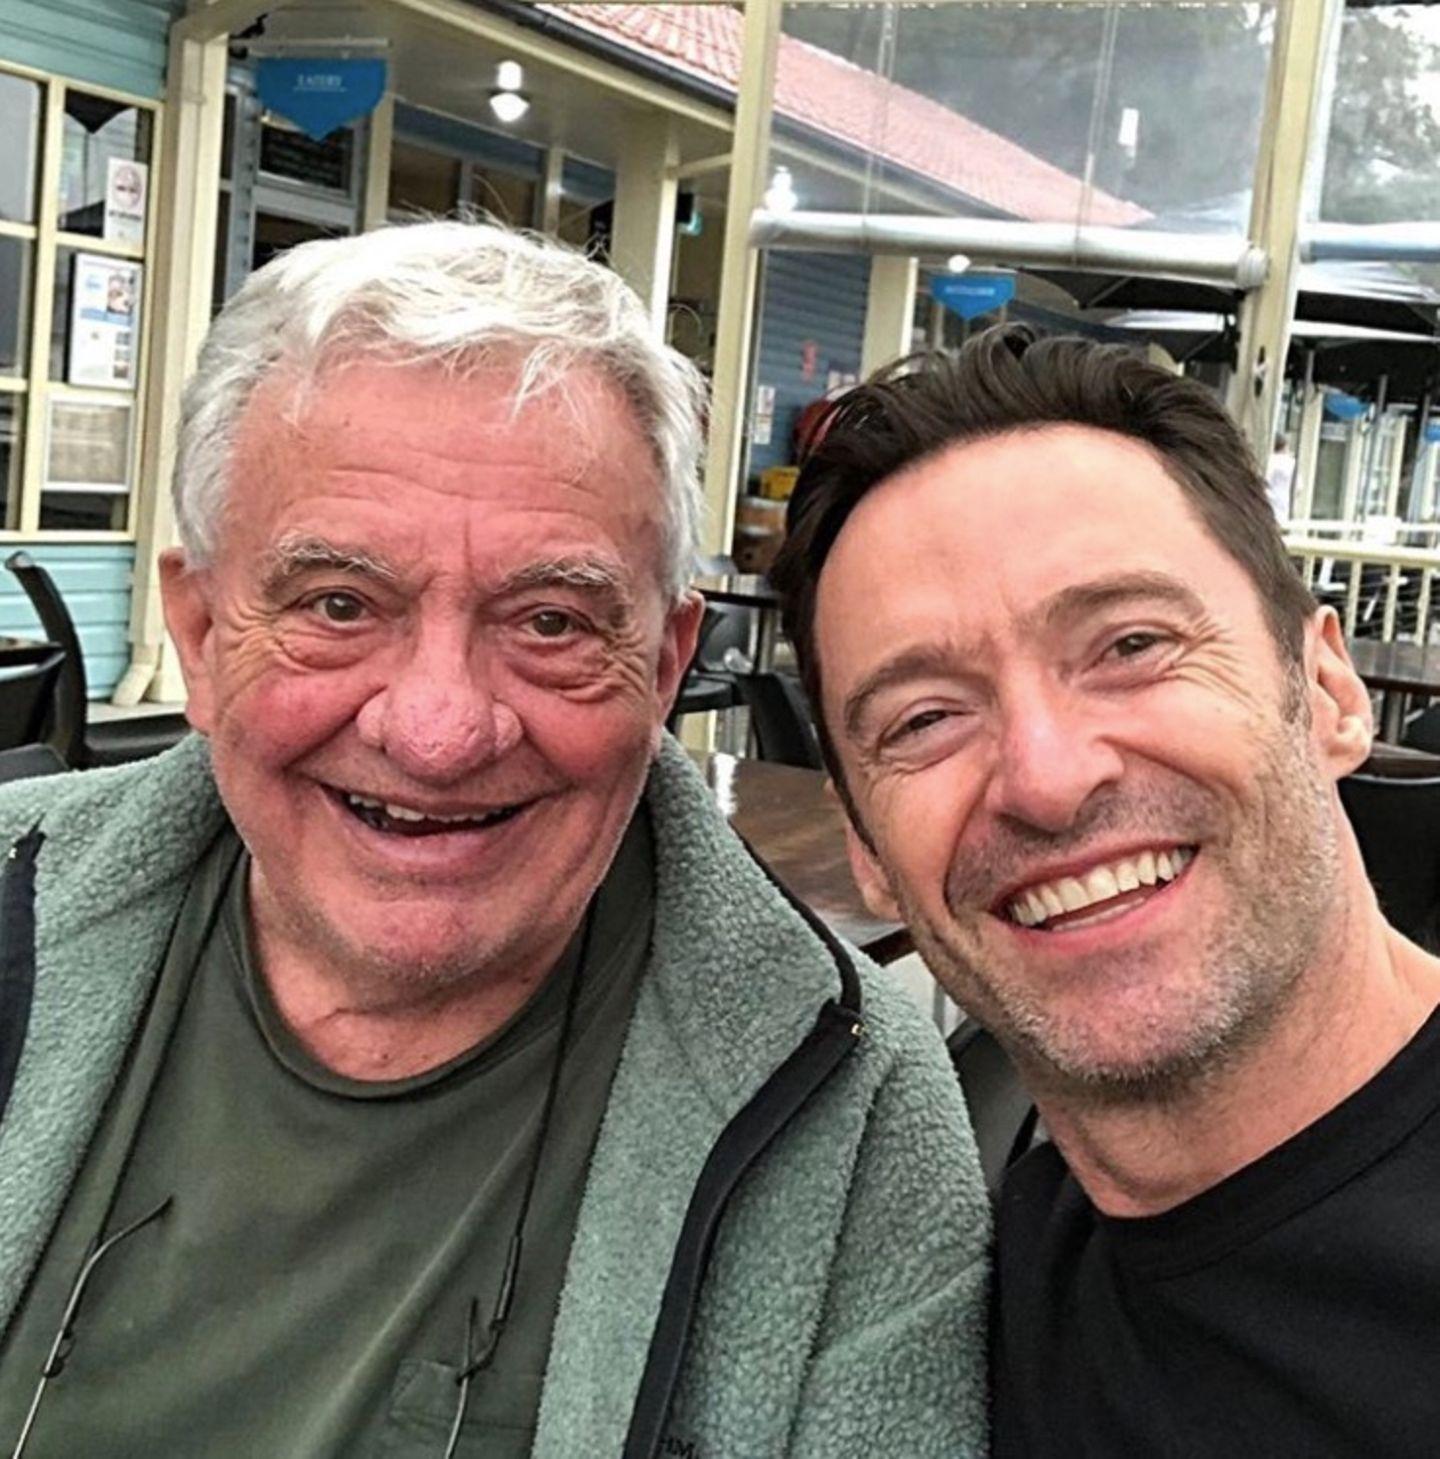 So viel Freunde in einem Foto: Hugh Jackman zeigt seinen Vater Christopher John Jackman.